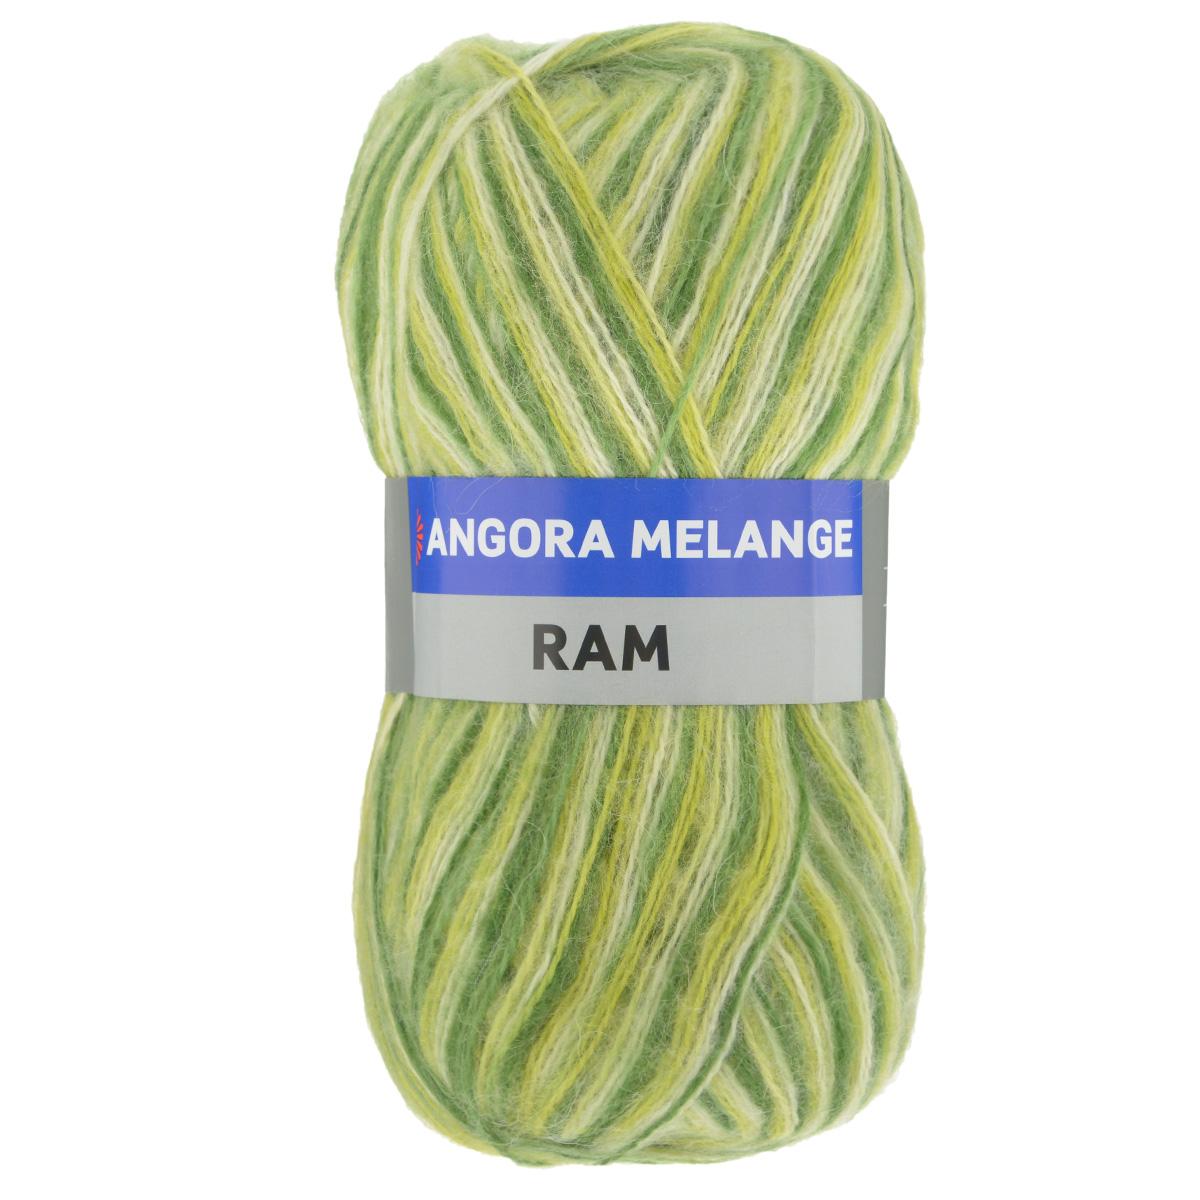 Пряжа для вязания YarnArt Angora Ram. Melange, цвет: зеленый, салатовый (703), 500 м, 100 г, 5 шт486194_703Пряжа для вязания YarnArt Angora Ram. Melange состоит из 40% мохера и 60% акрила. Такая пряжа подойдет для вязки шарфов, шапок, свитеров и другой теплой одежды. Пряжа приятная на ощупь, изделия из нее получаются мягкие, теплые и приятные к телу. Стирка при температуре не более 30°С. Рекомендованные для вязания спицы 4 мм. Состав: 40% мохер, 60% акрил.